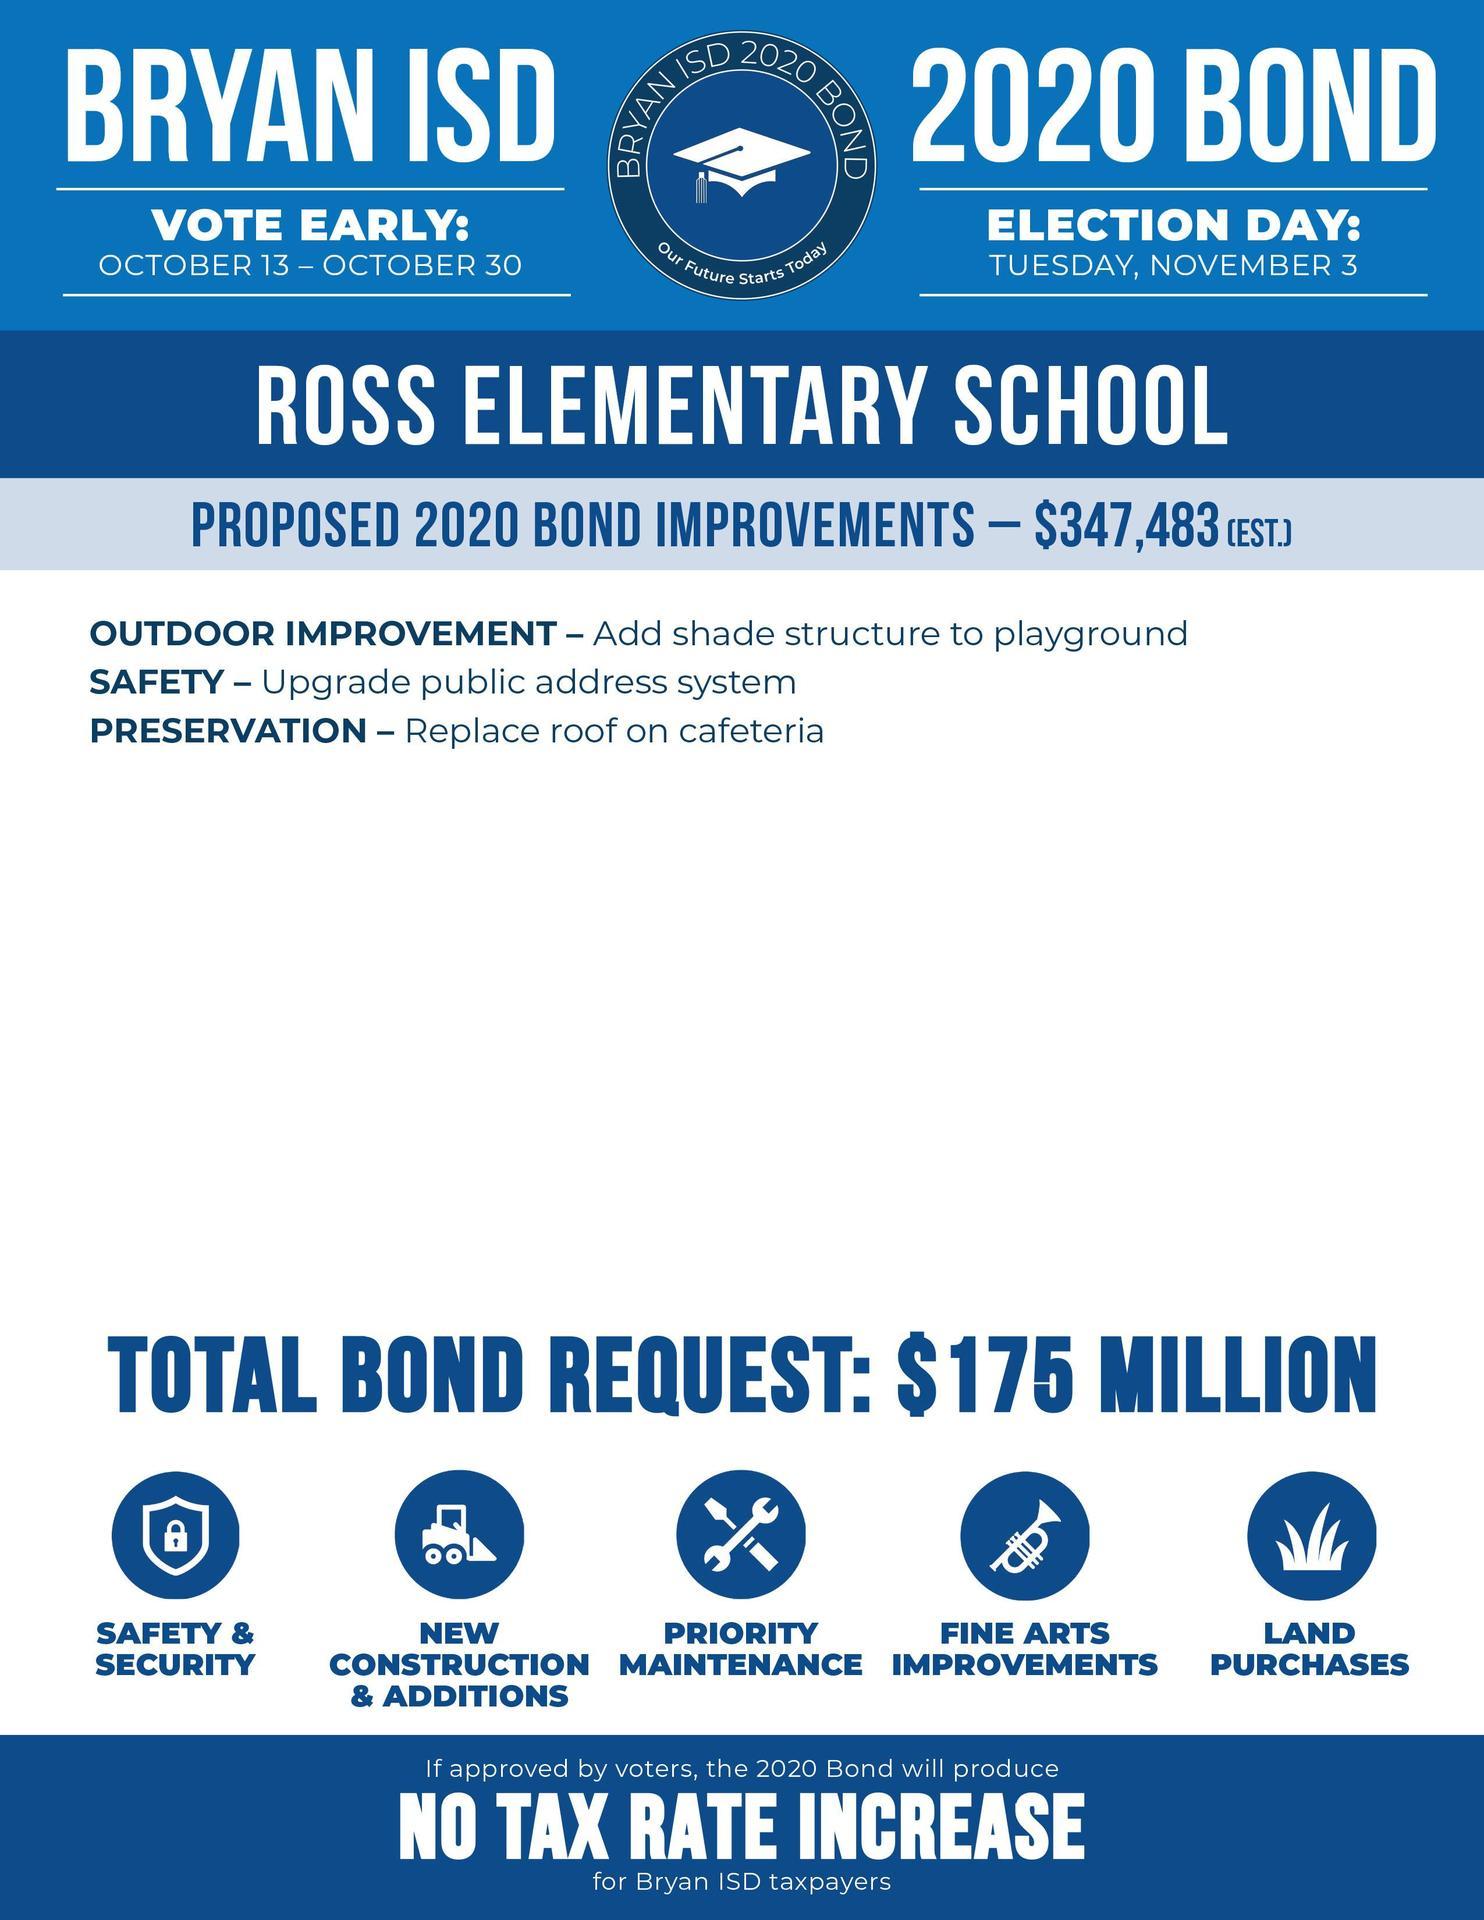 Ross Elementary School